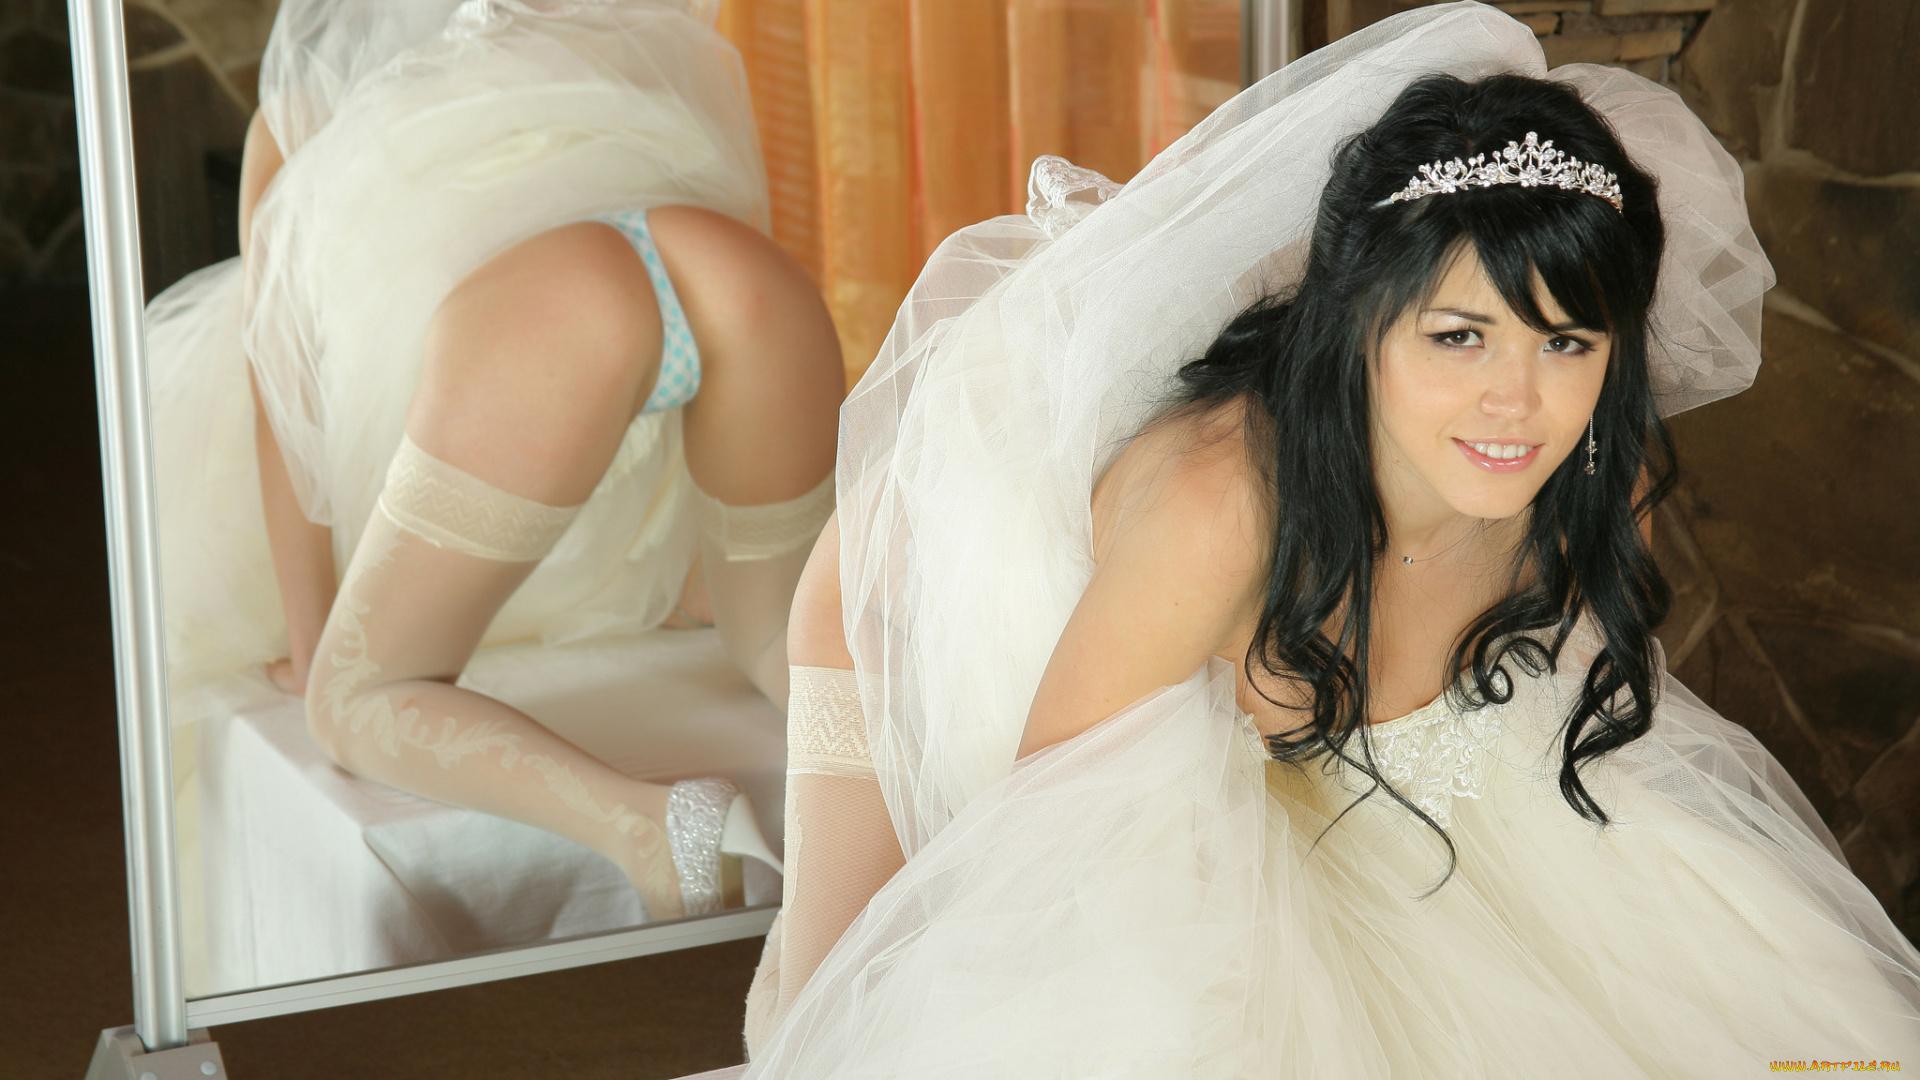 невесты видео пьяные hd фото эро